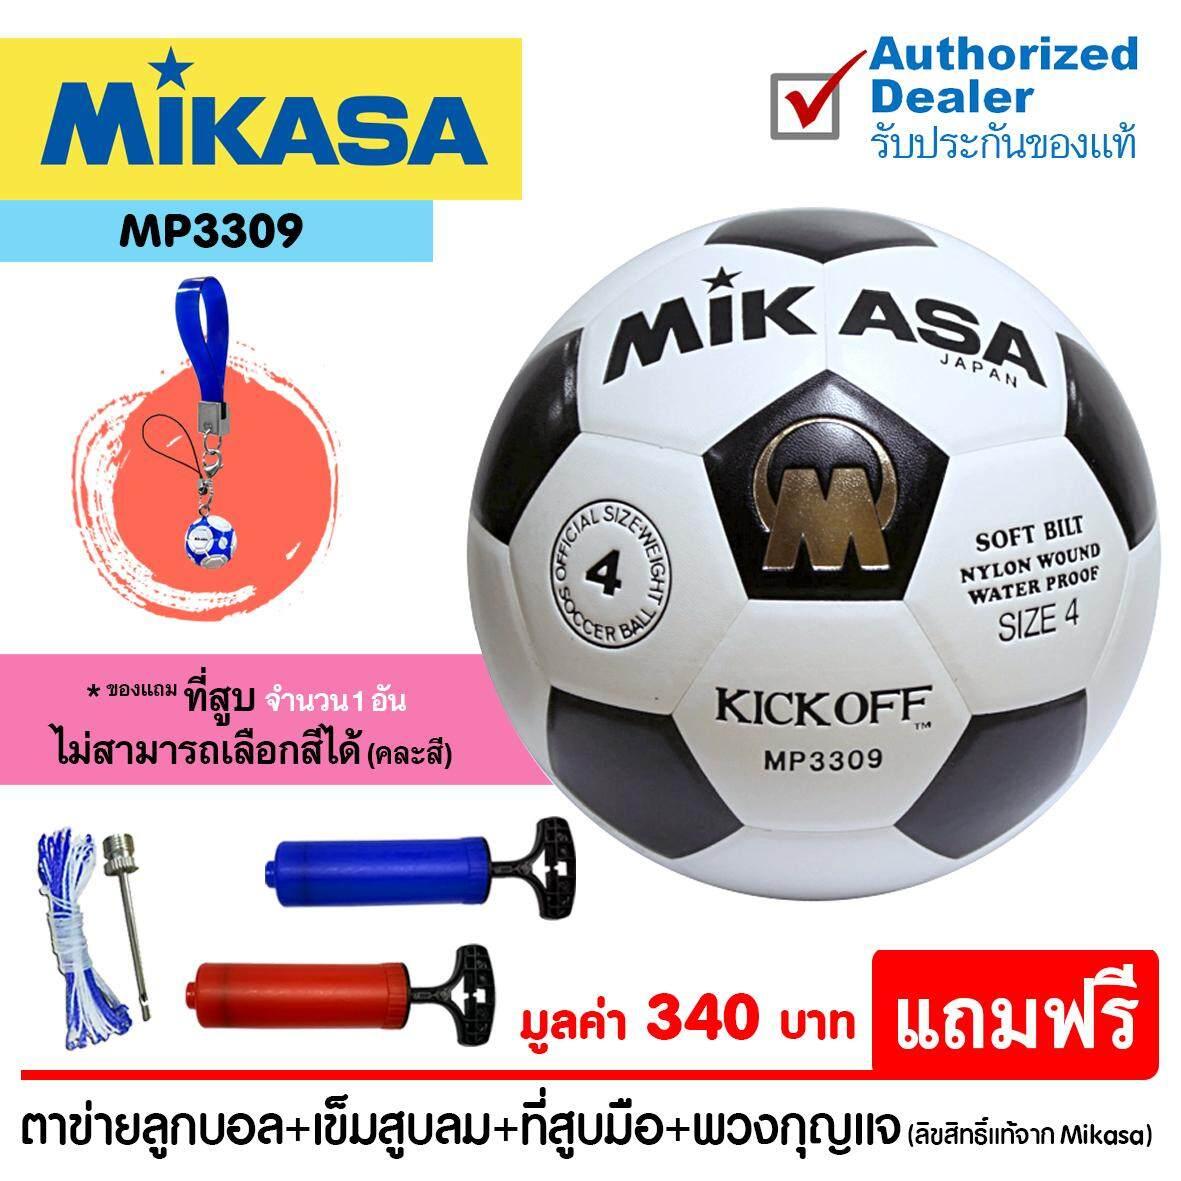 สอนใช้งาน  MIKASA ฟุตบอล Football MKS PU MP3309 แถมฟรี ตาข่ายใส่ลูกฟุตบอล + เข็มสูบสูบลม + สูบมือ SPL รุ่น SL6 สีชมพู + พวงกุญแจ